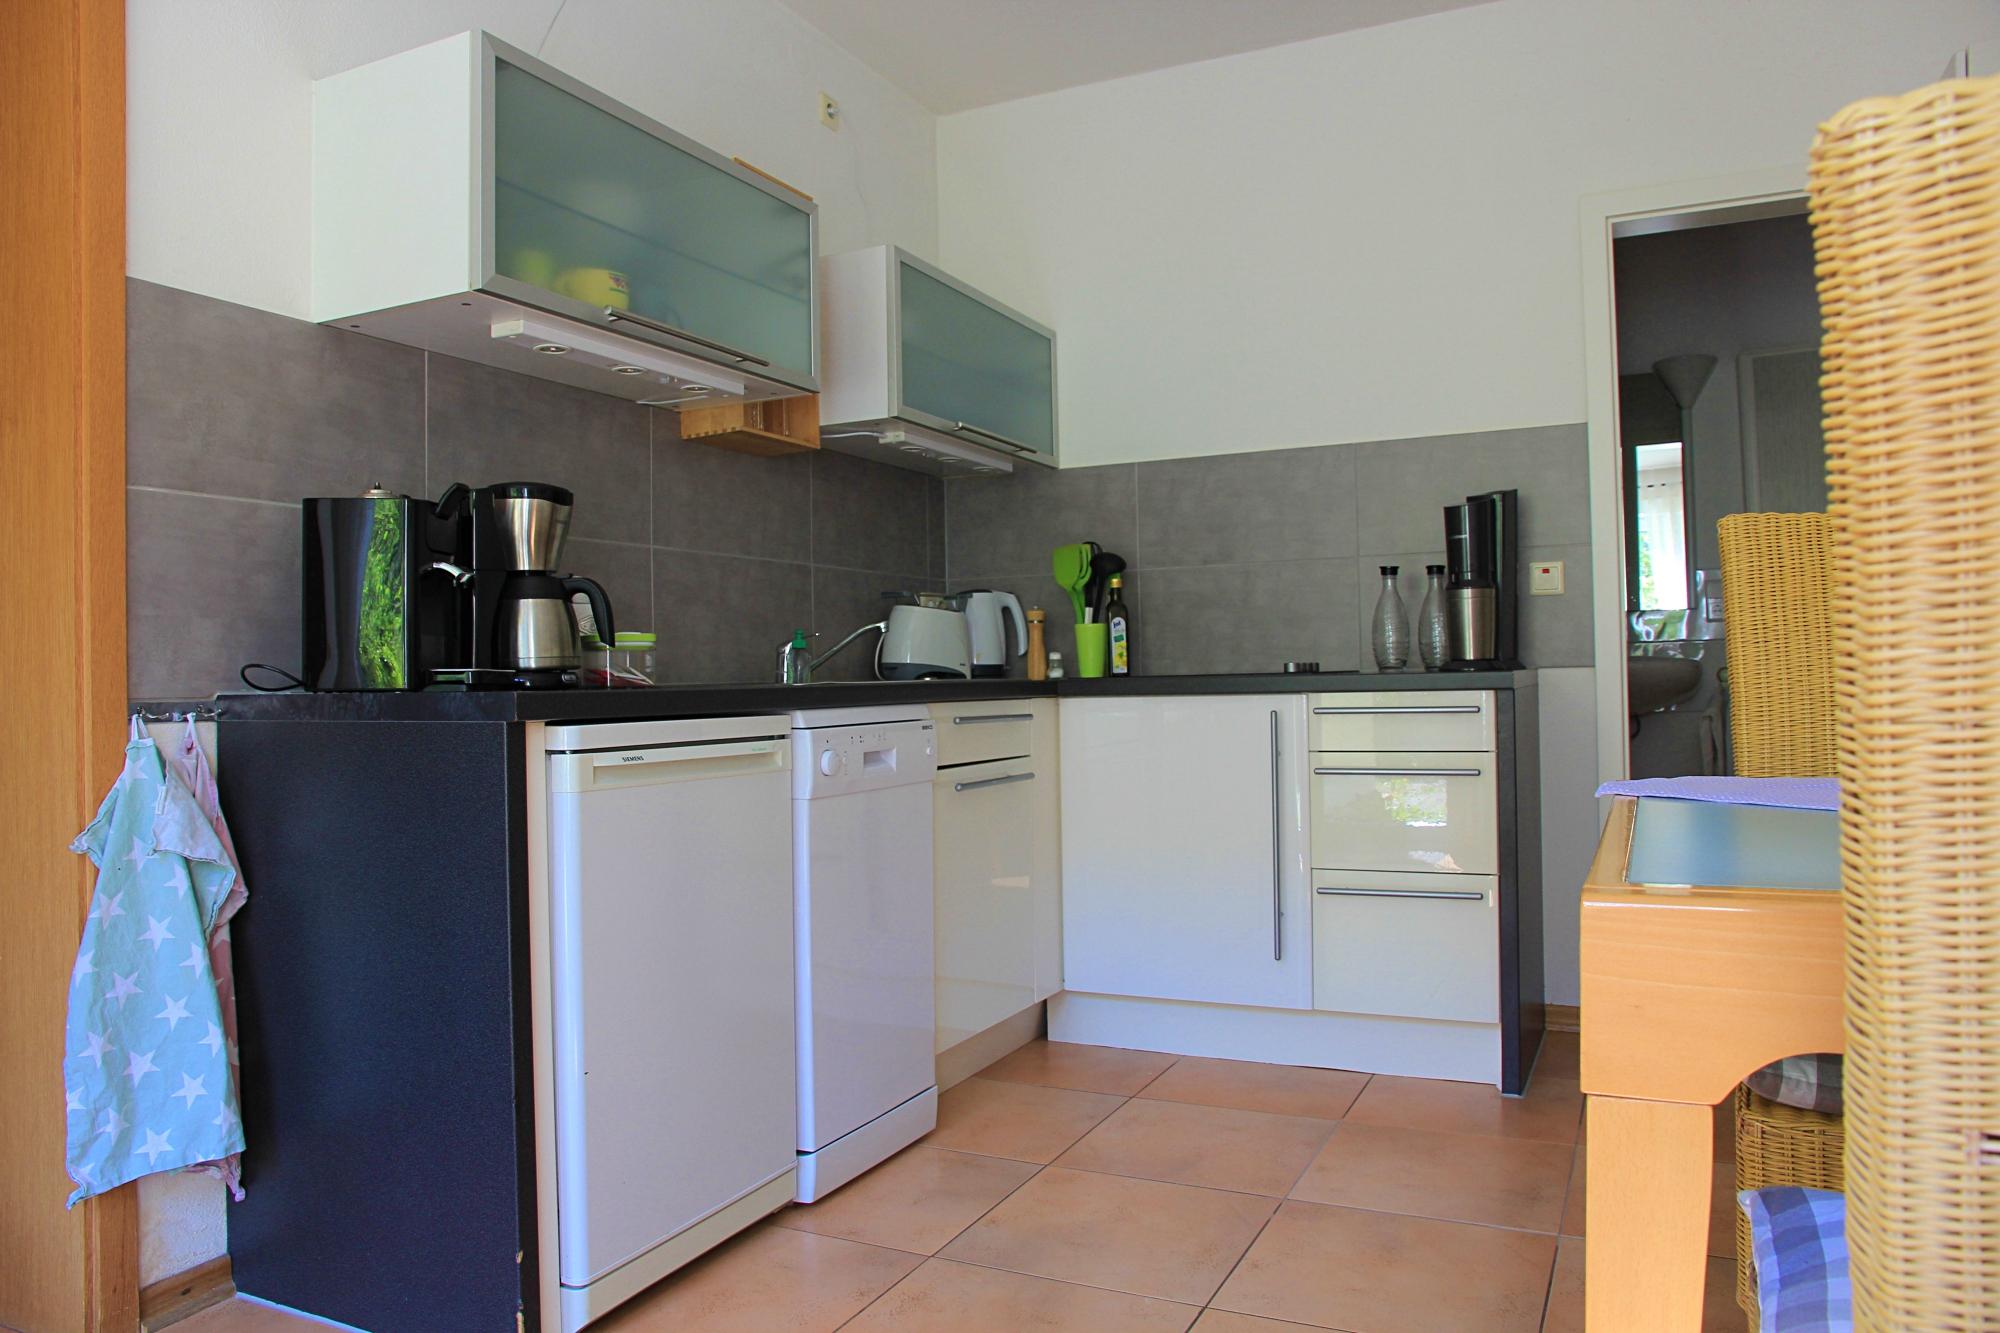 Ferienwohnung Sayn - Küche